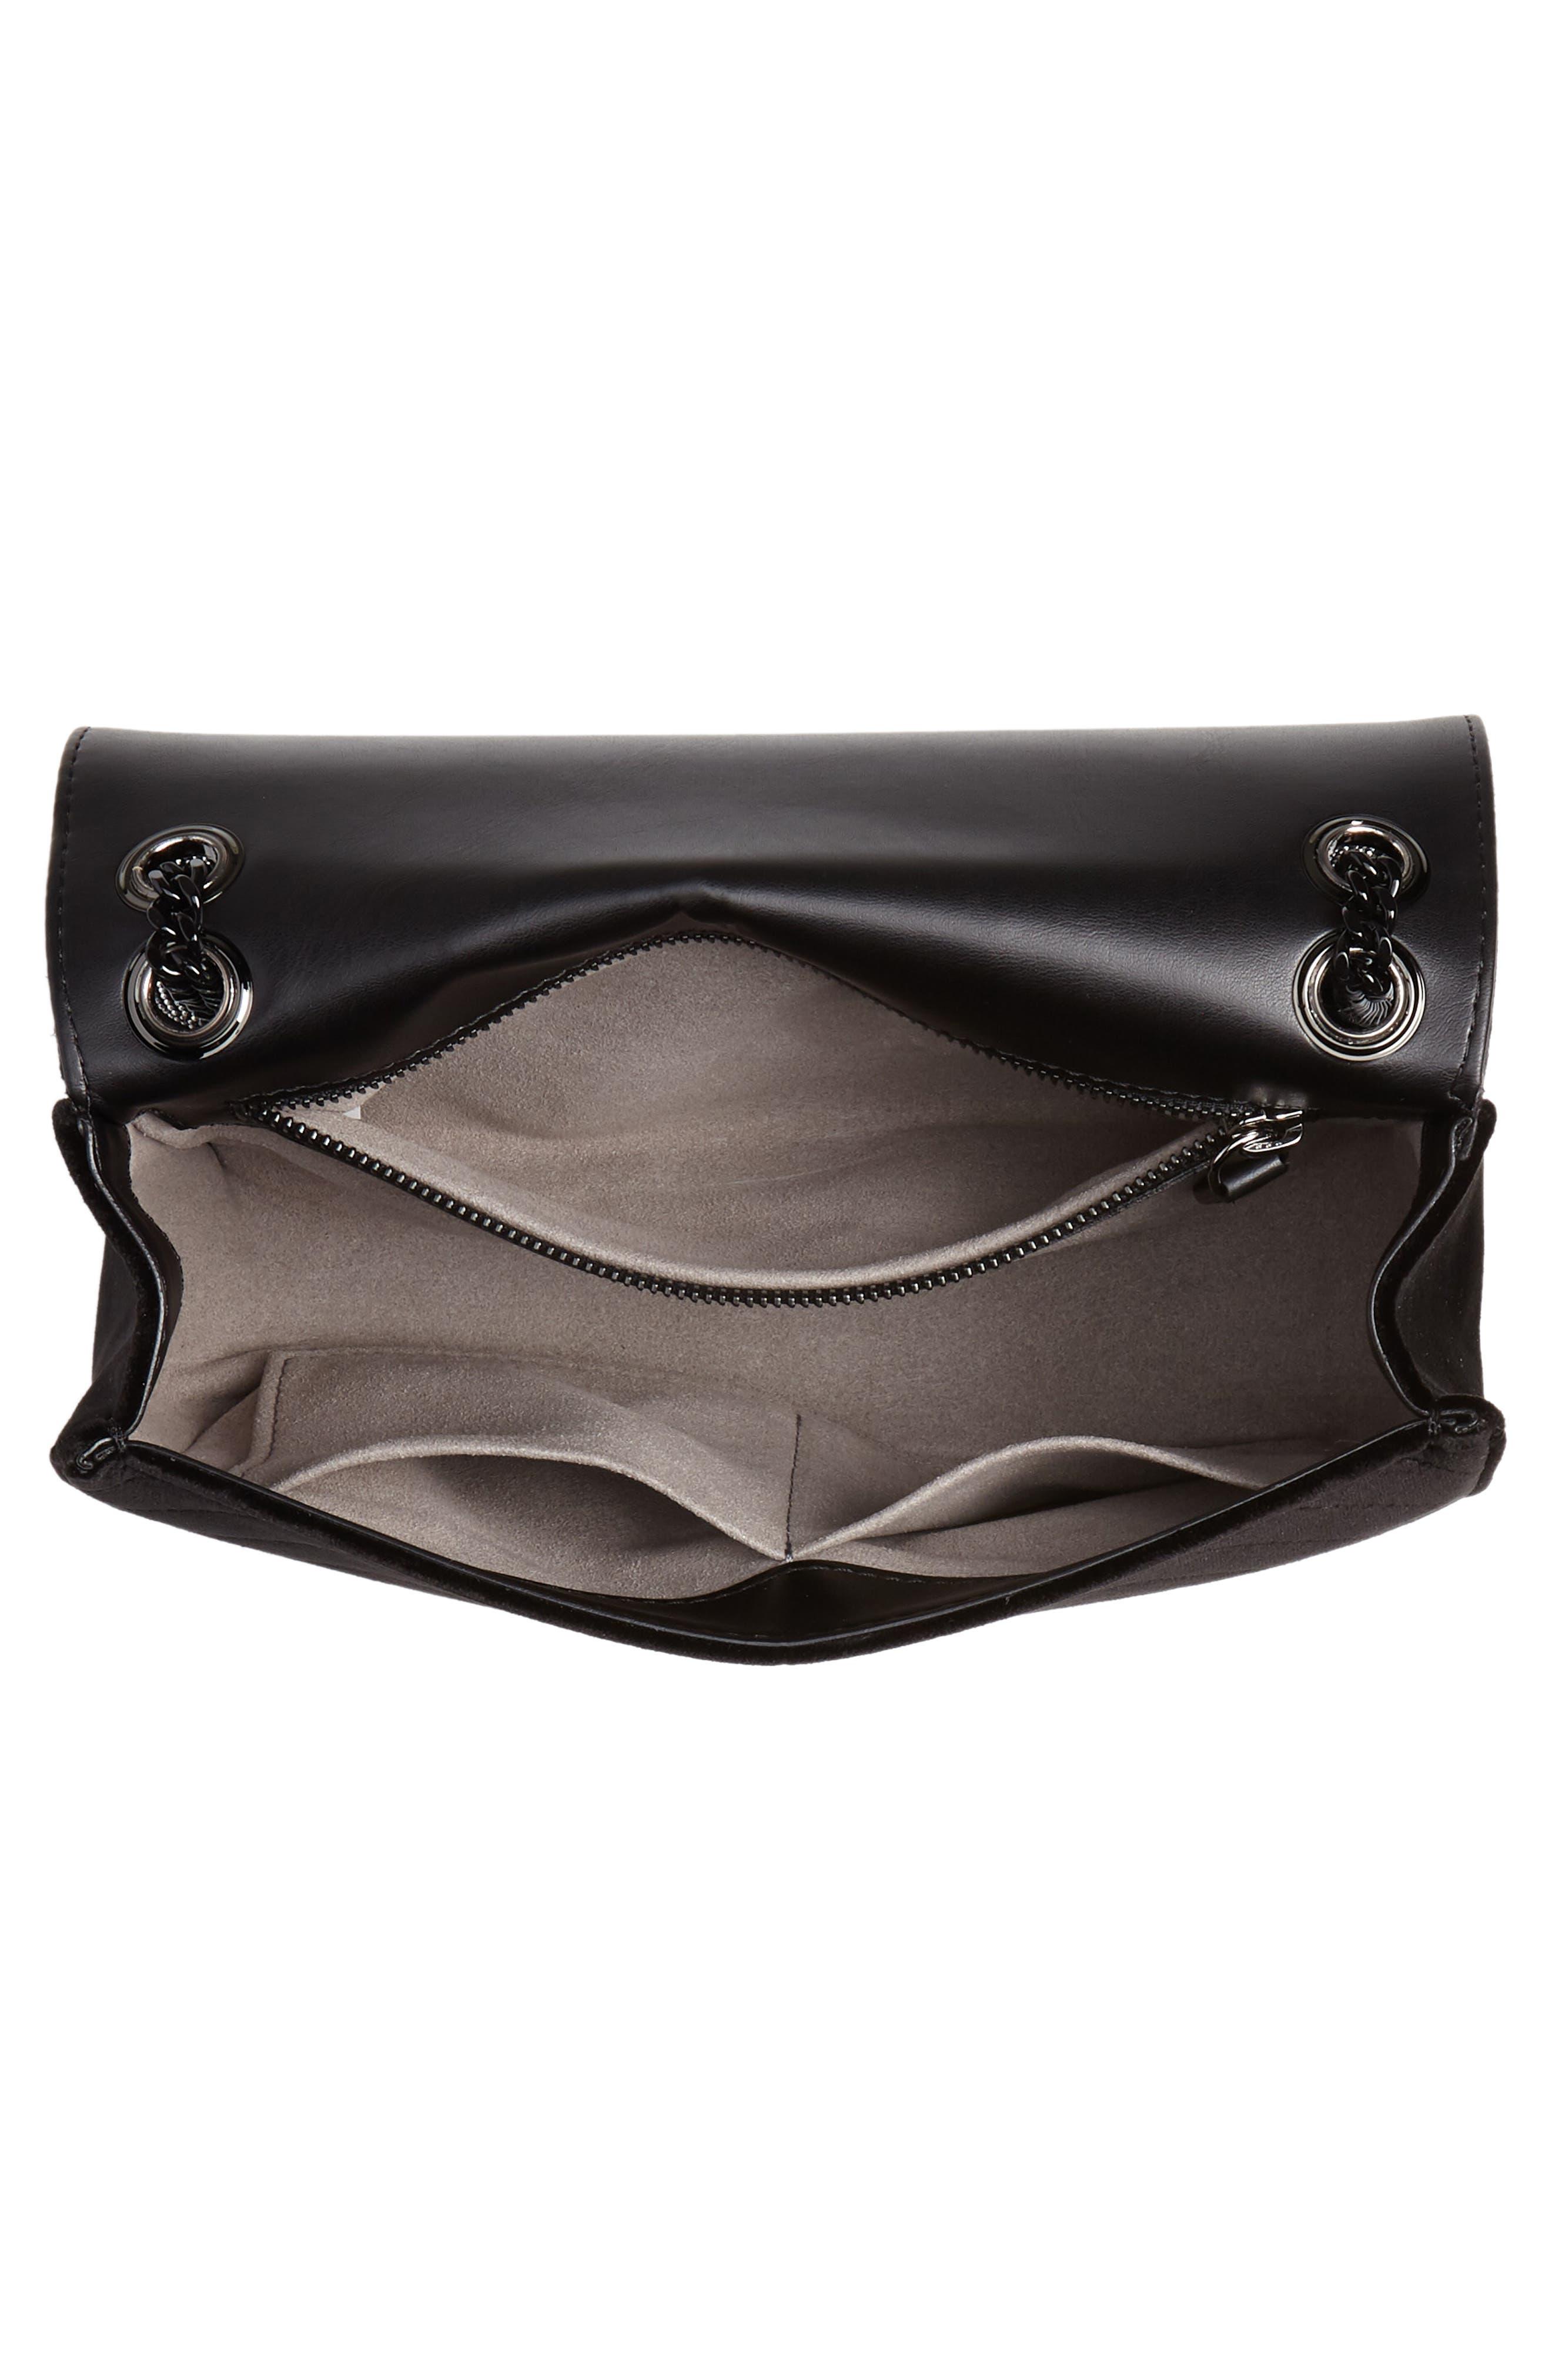 Medium Crystal Star Shoulder Bag,                             Alternate thumbnail 4, color,                             BLACK